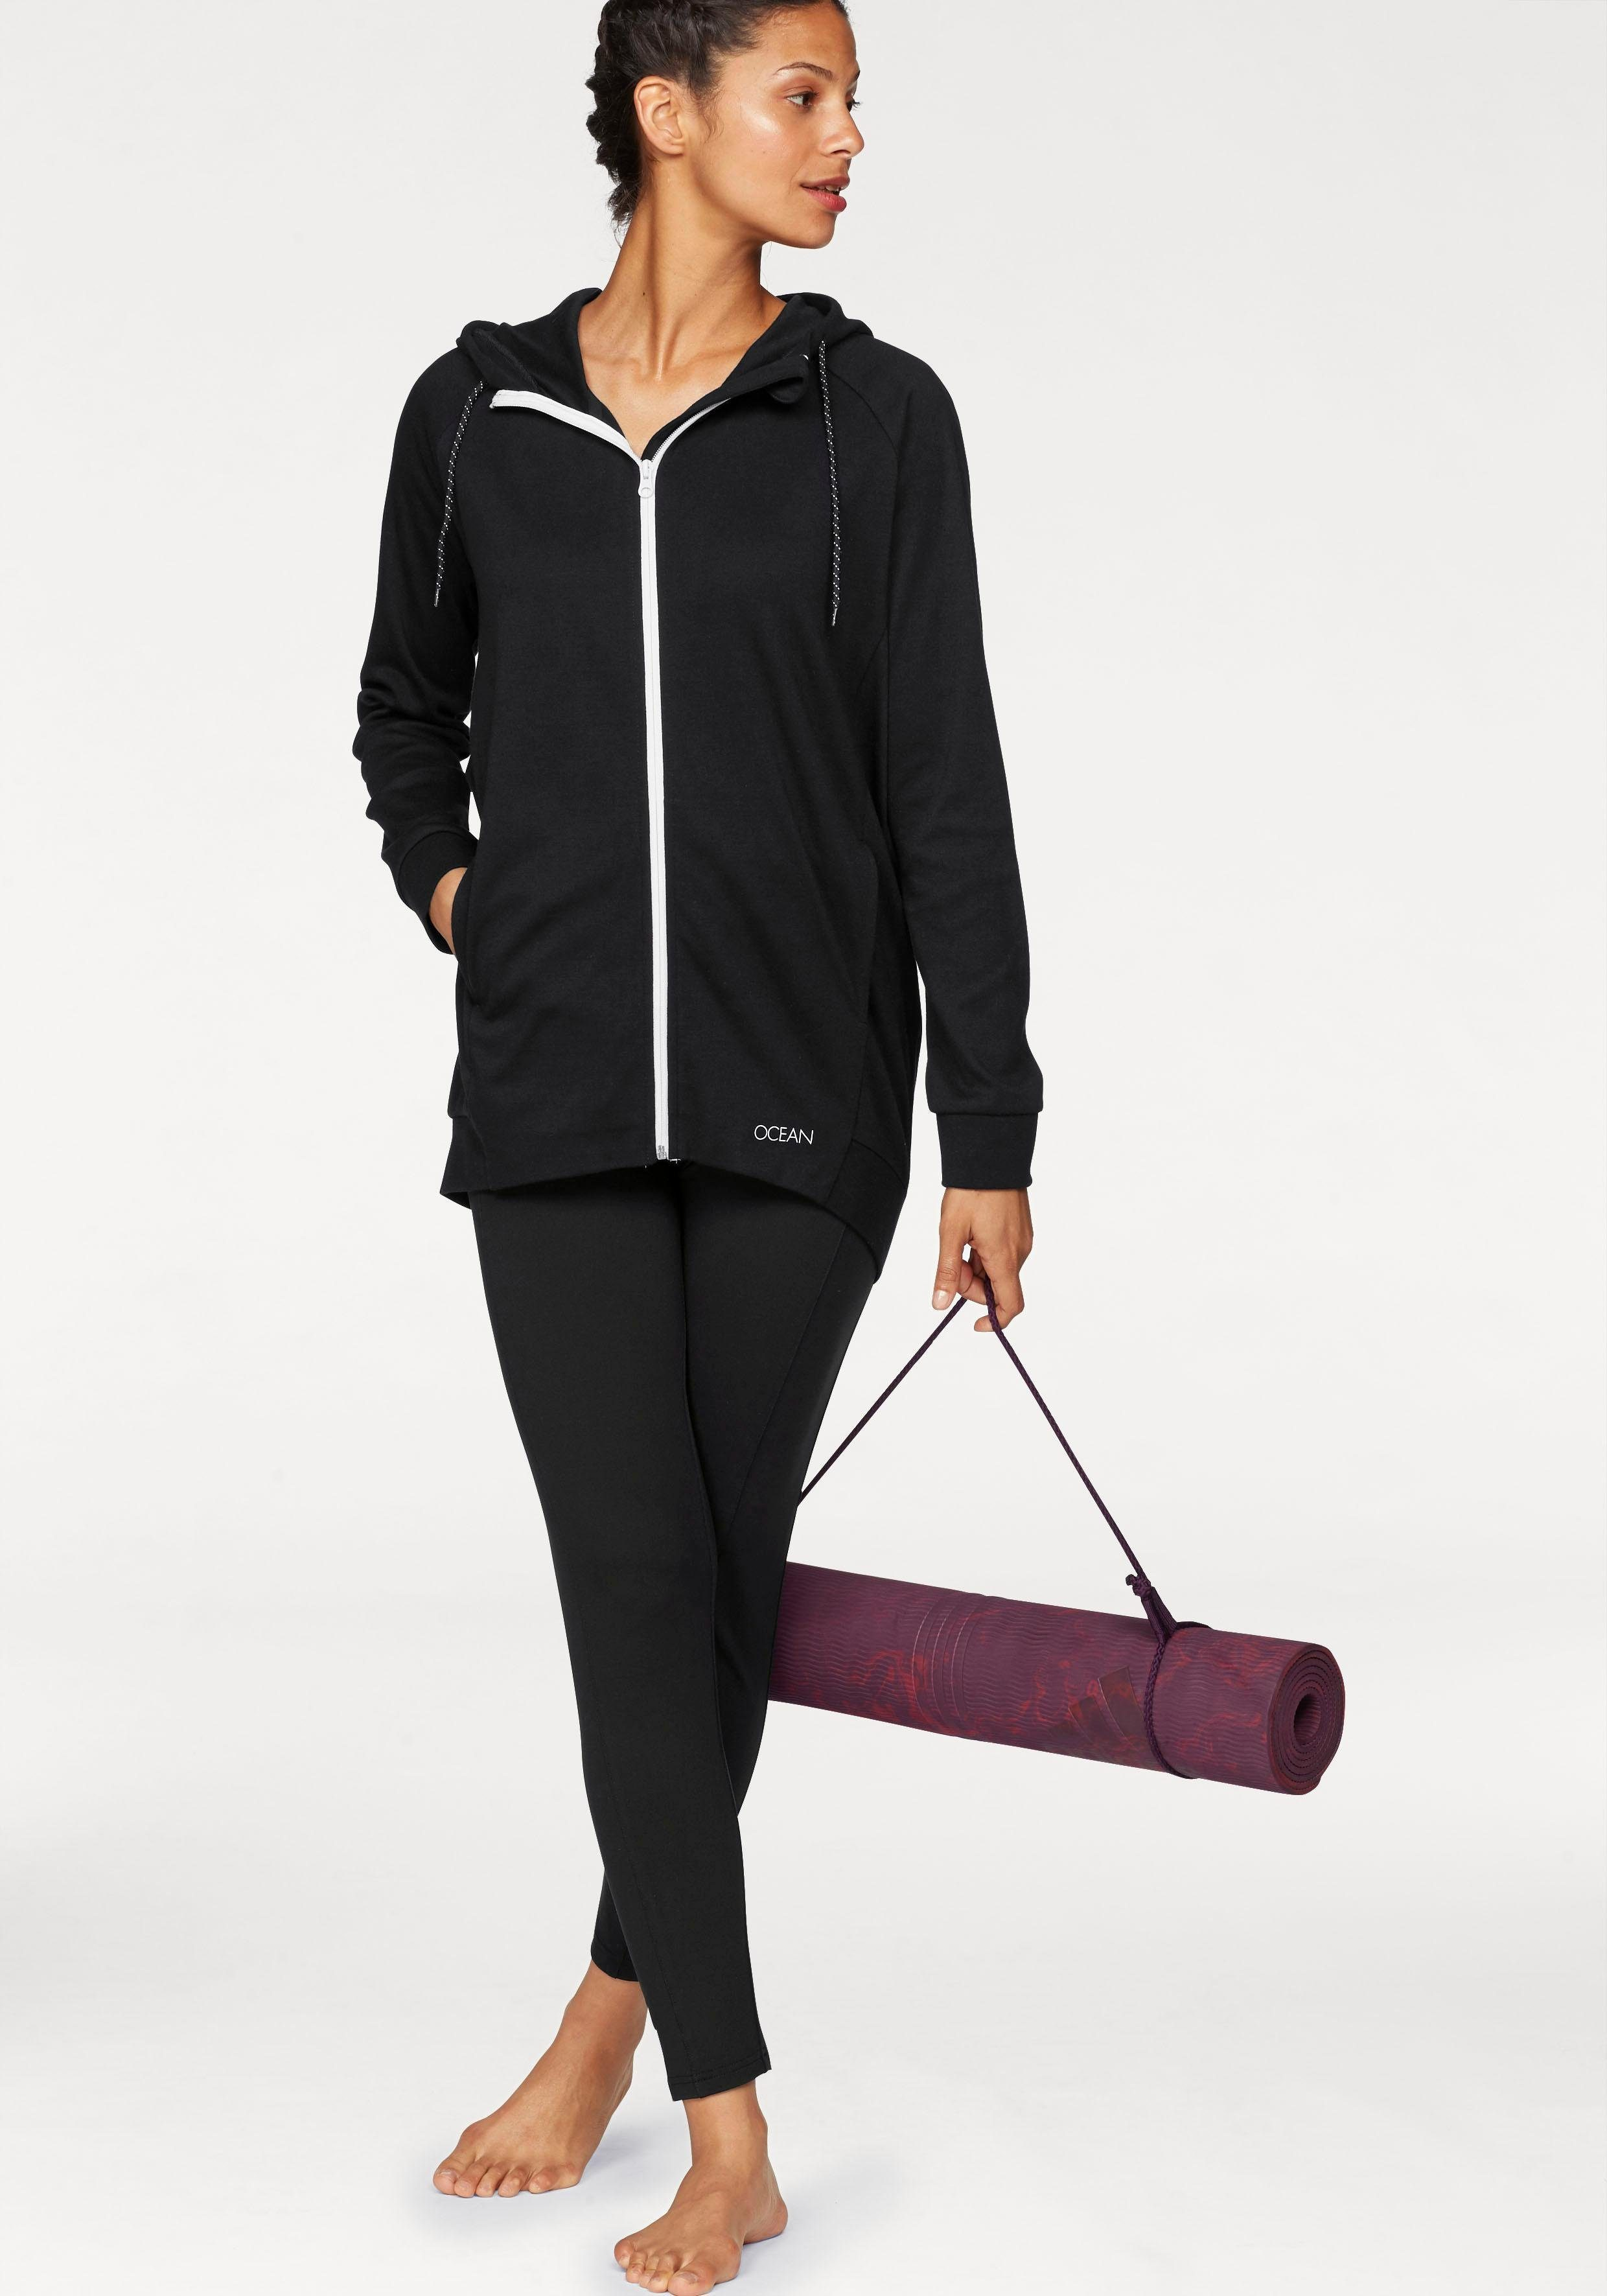 Ocean Sportswear Jogginganzug, Jacke in modischer Eggshape Form online kaufen | OTTO